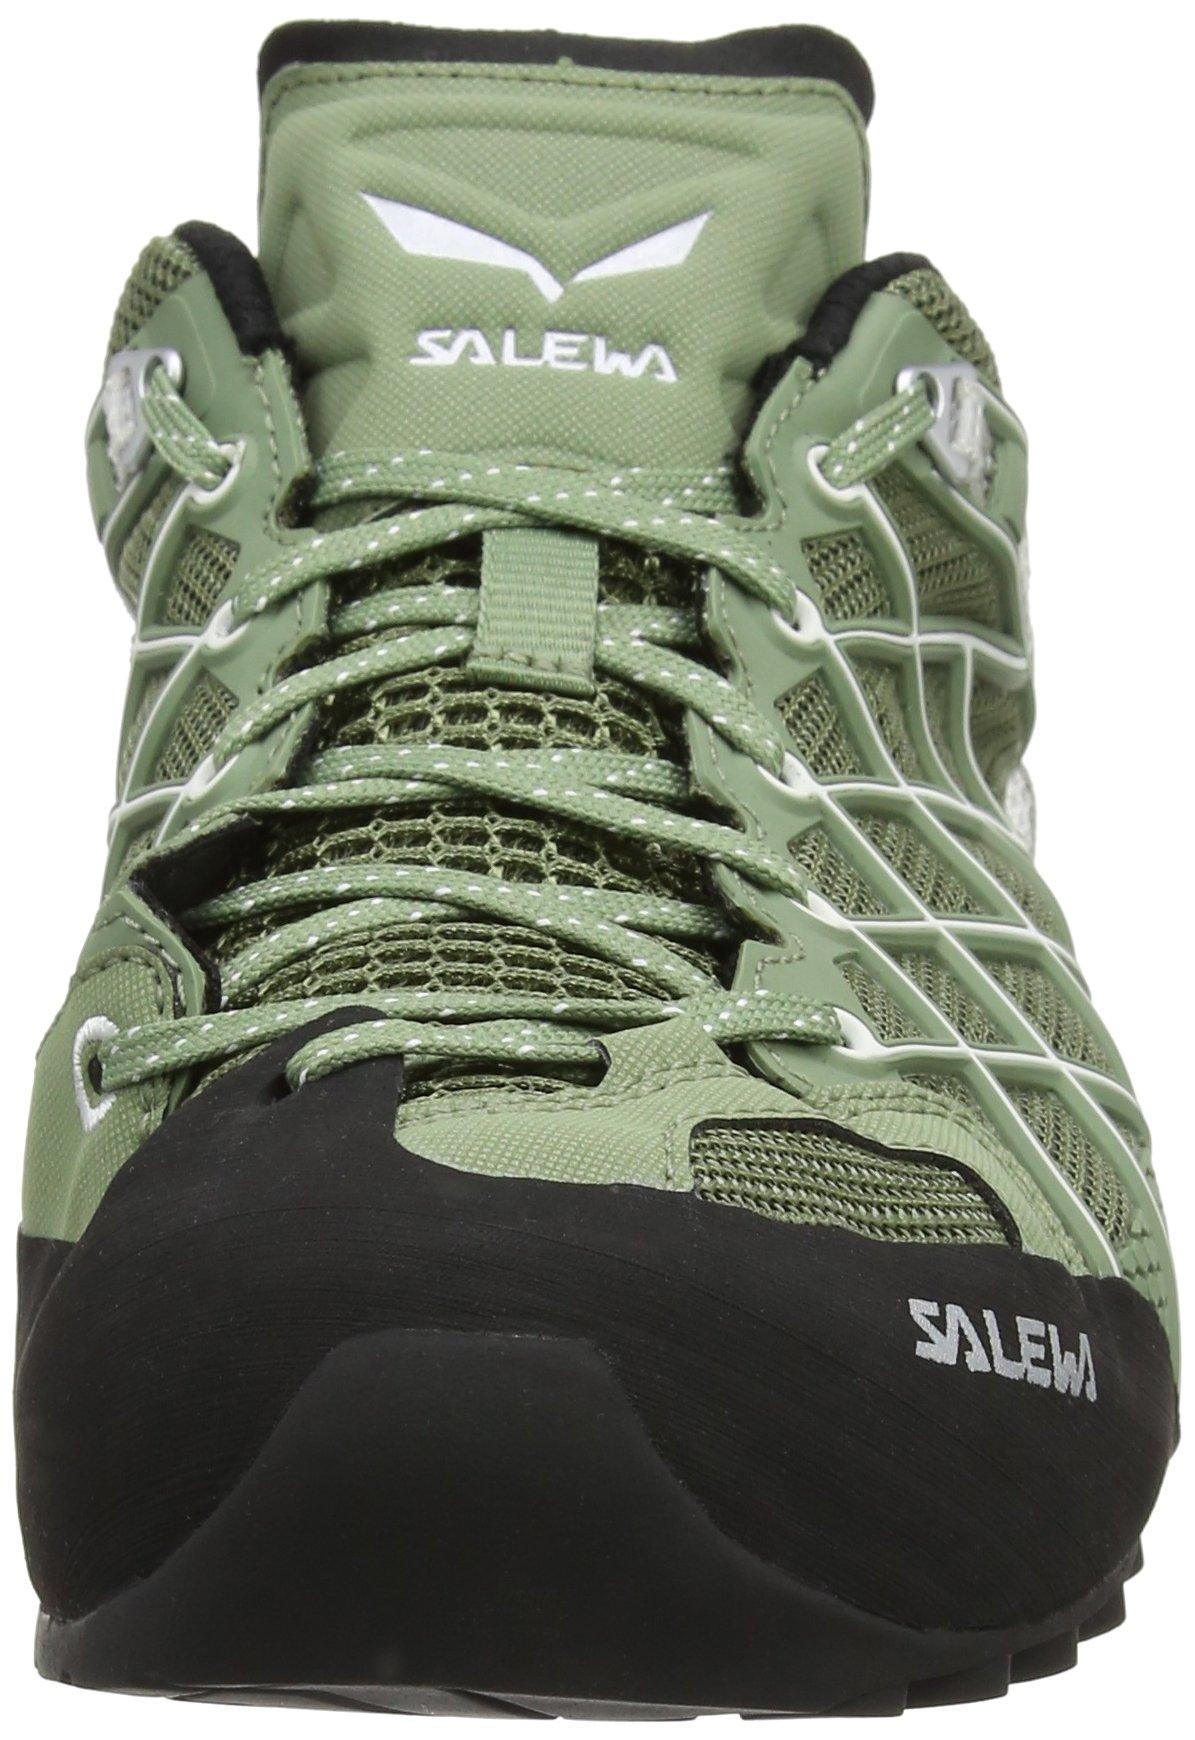 SALEWA WILDFIRE S GORETEX SCARPE DA TREKKING UOMO MULTICOLORE ... 847e3650446